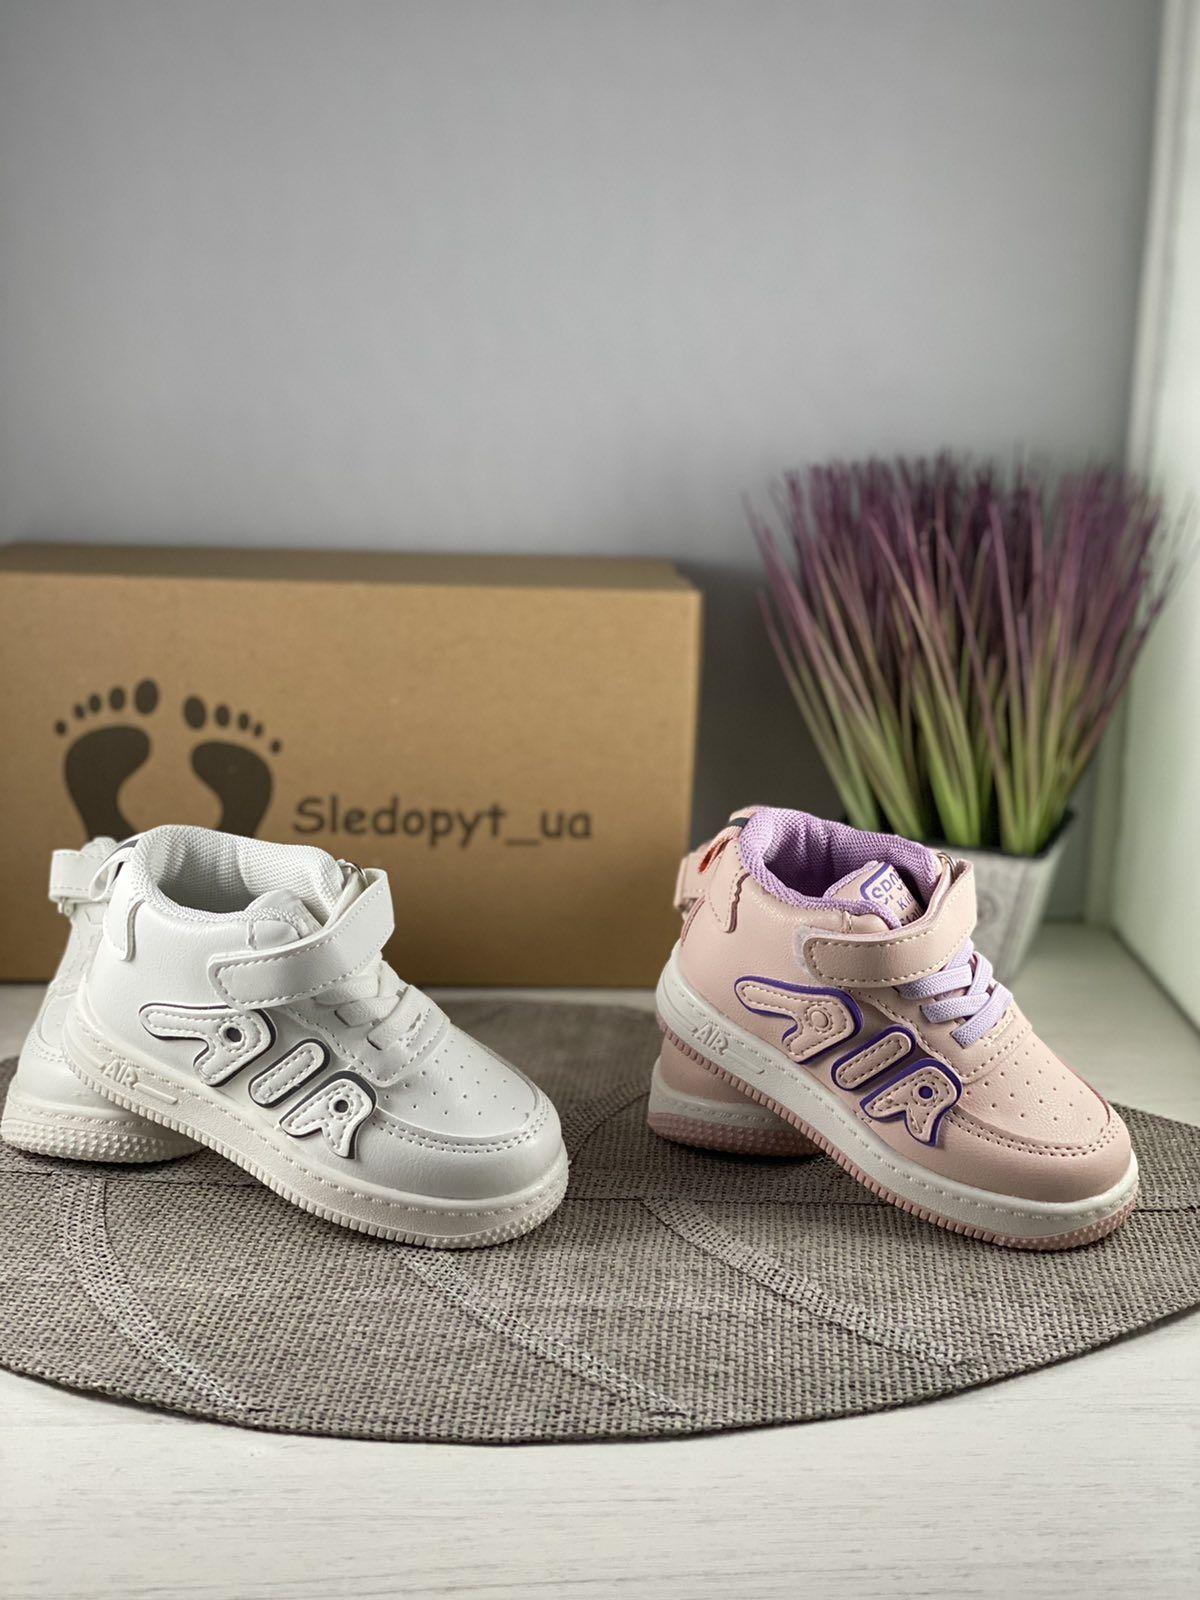 Детские демисезонные кроссовки, хайтопы р-ры 21-25